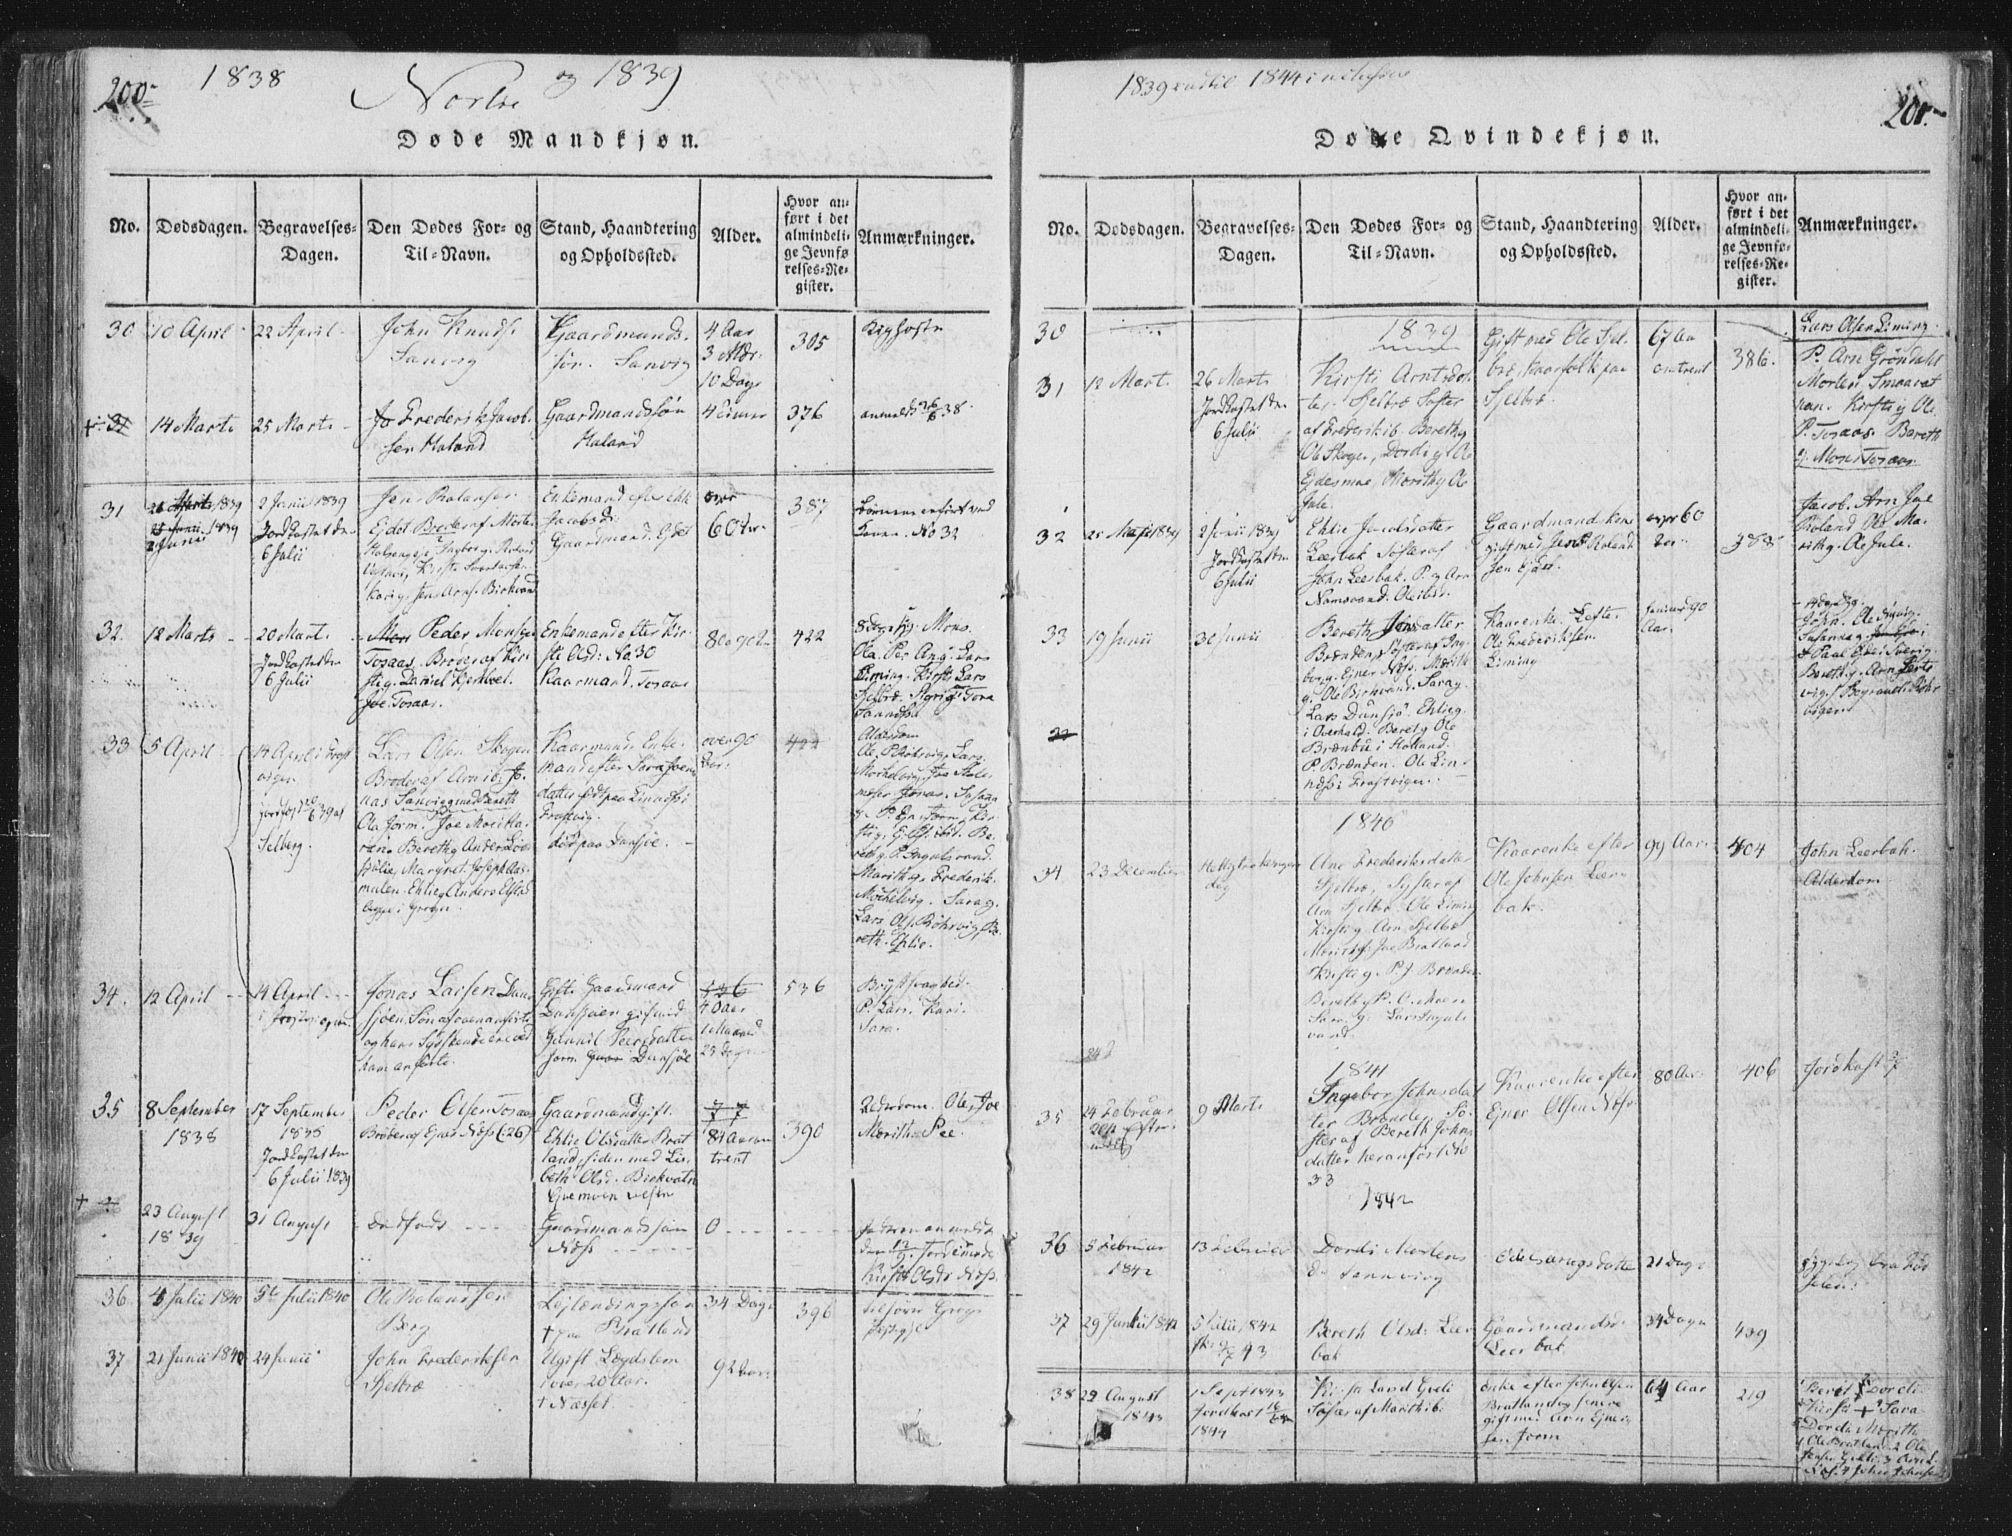 SAT, Ministerialprotokoller, klokkerbøker og fødselsregistre - Nord-Trøndelag, 755/L0491: Ministerialbok nr. 755A01 /1, 1817-1864, s. 200-201